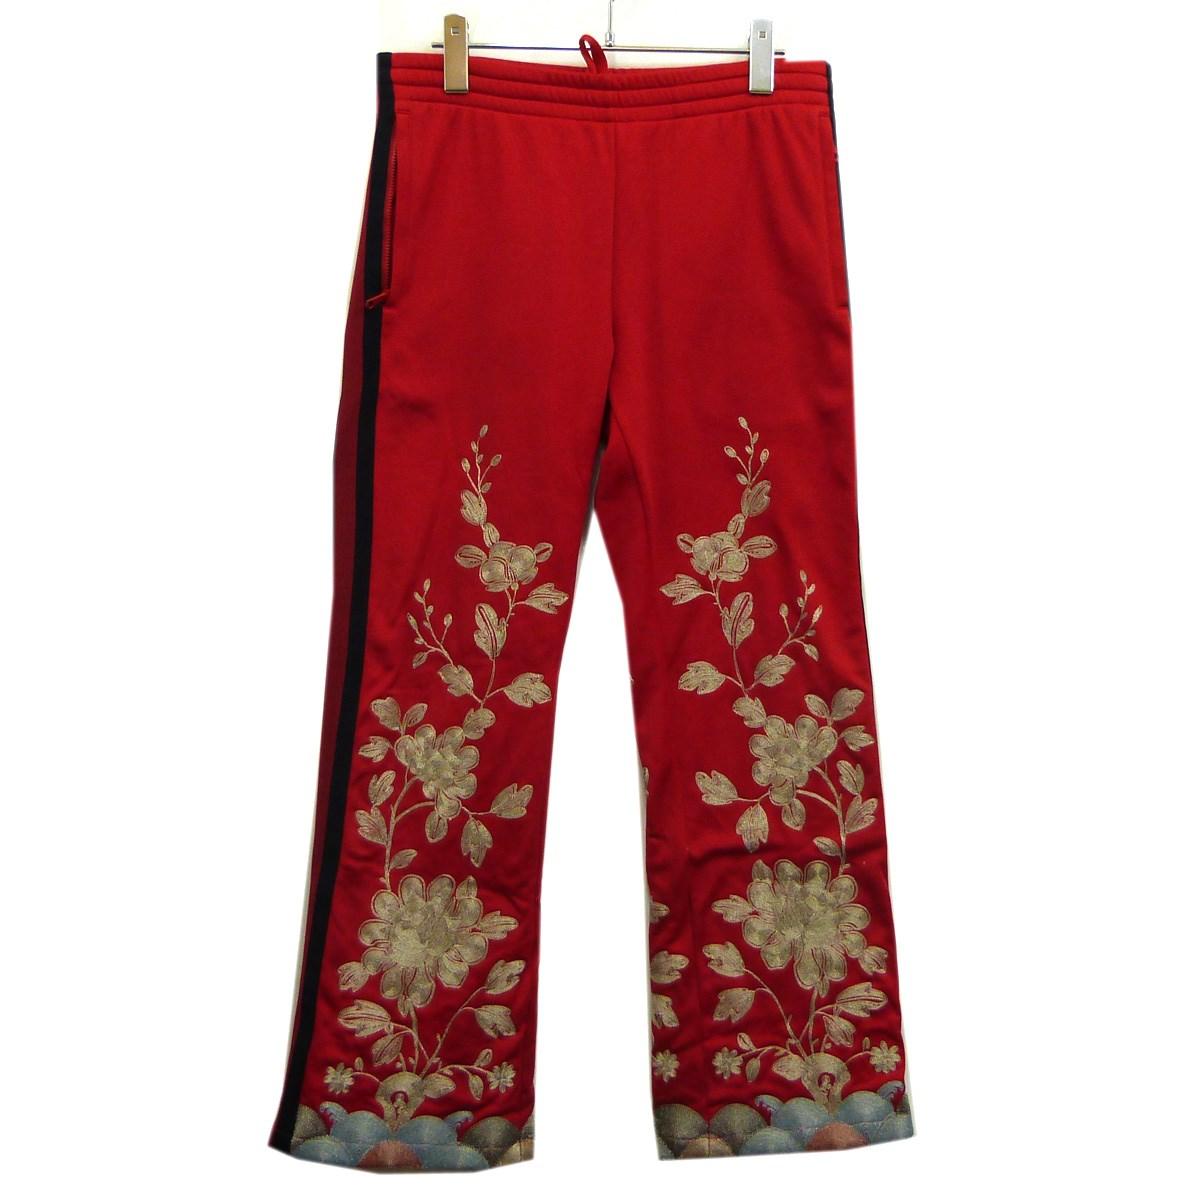 【中古】GUCCI17SSフラワー刺繍サイドラインジャージパンツ レッド サイズ:S【11月14日見直し】